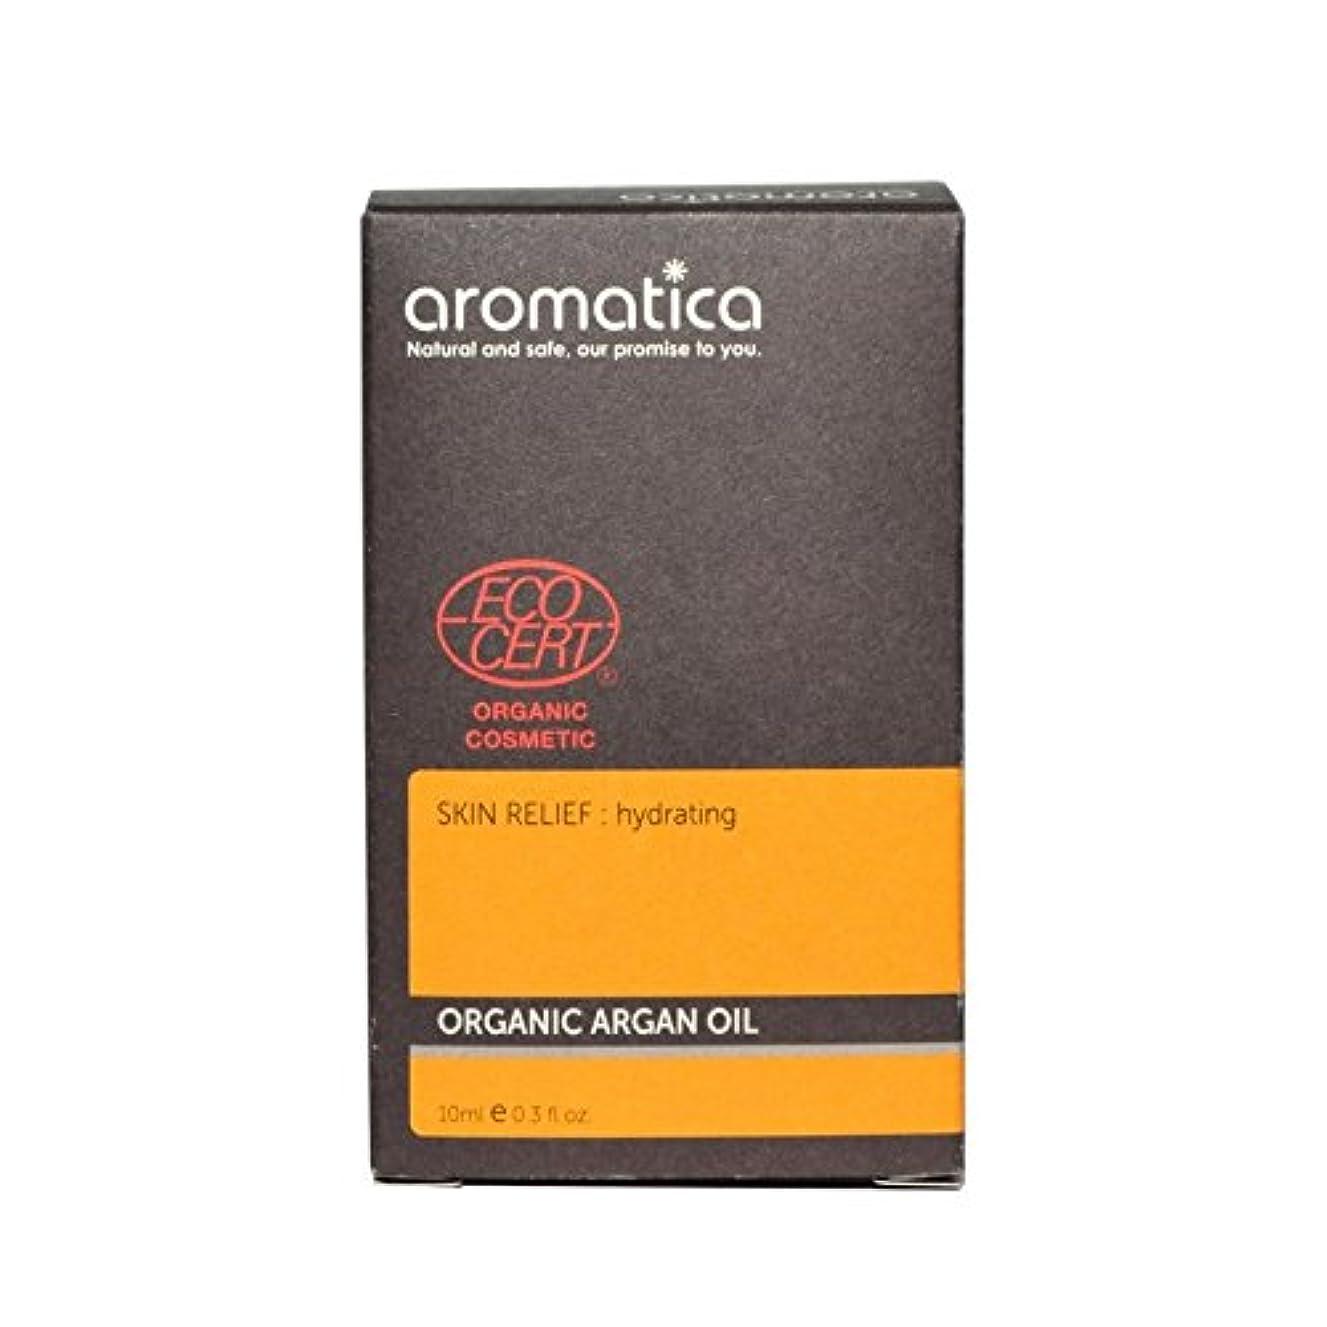 大命題仕事に行くaromatica Organic Argan Oil 10ml - オーガニックアルガンオイル10ミリリットル [並行輸入品]